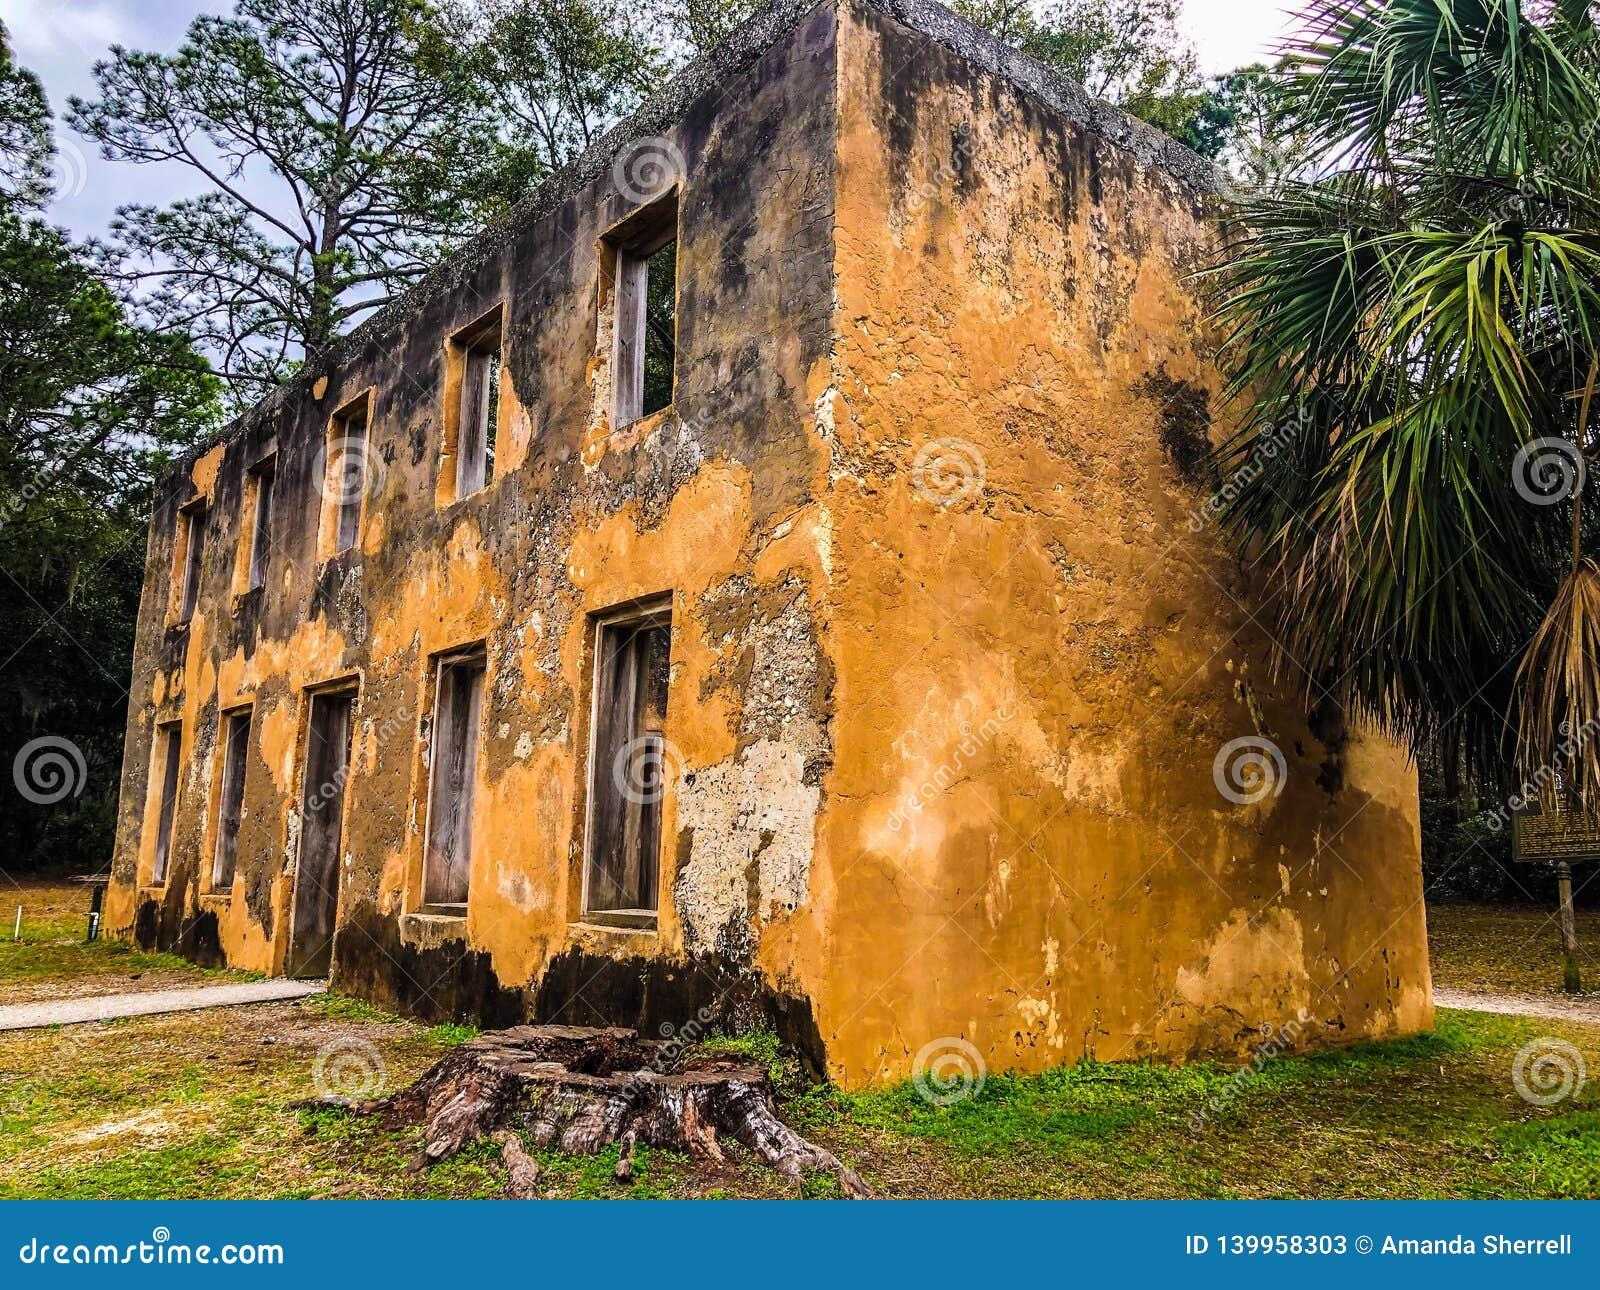 Horton House Of Jekyll Island